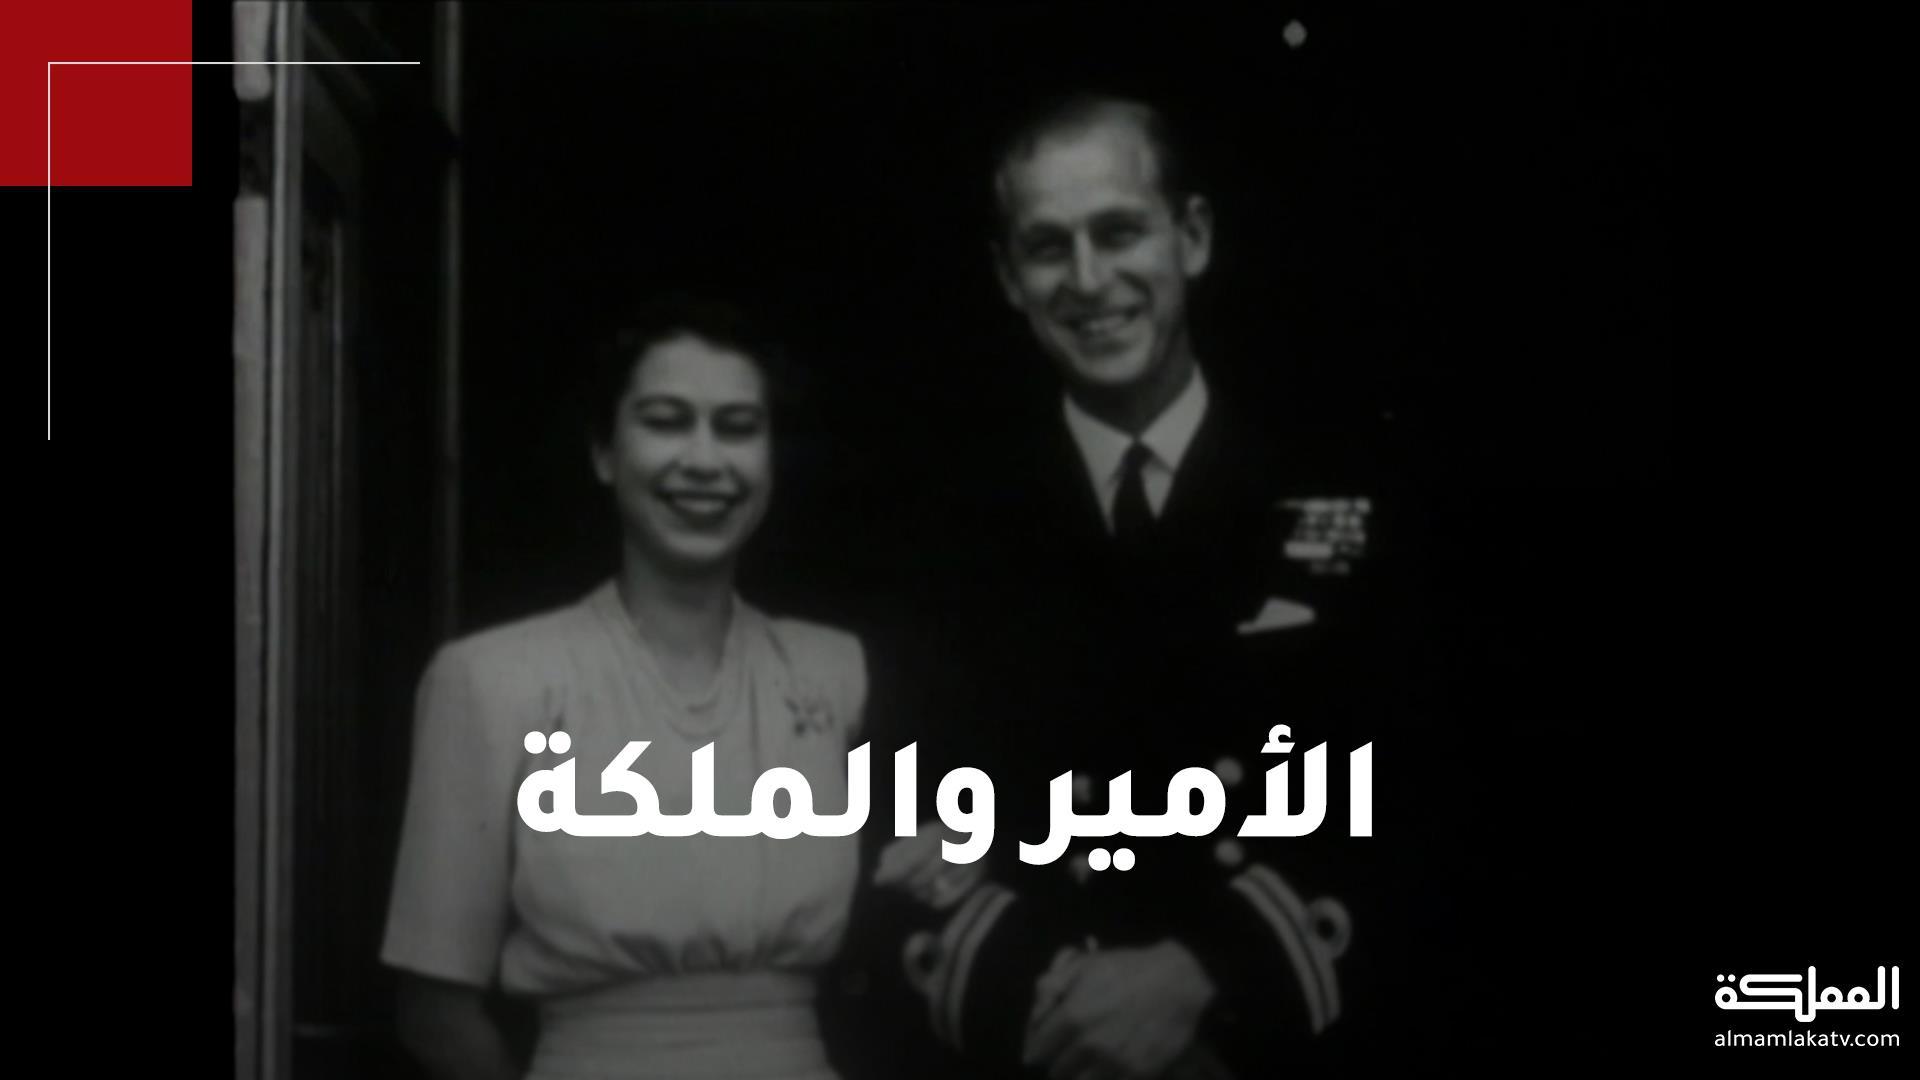 الأمير فيليب والملكة إليزابيث.. قصة حب بدأت عام 1934 واستمرت 87 عاما